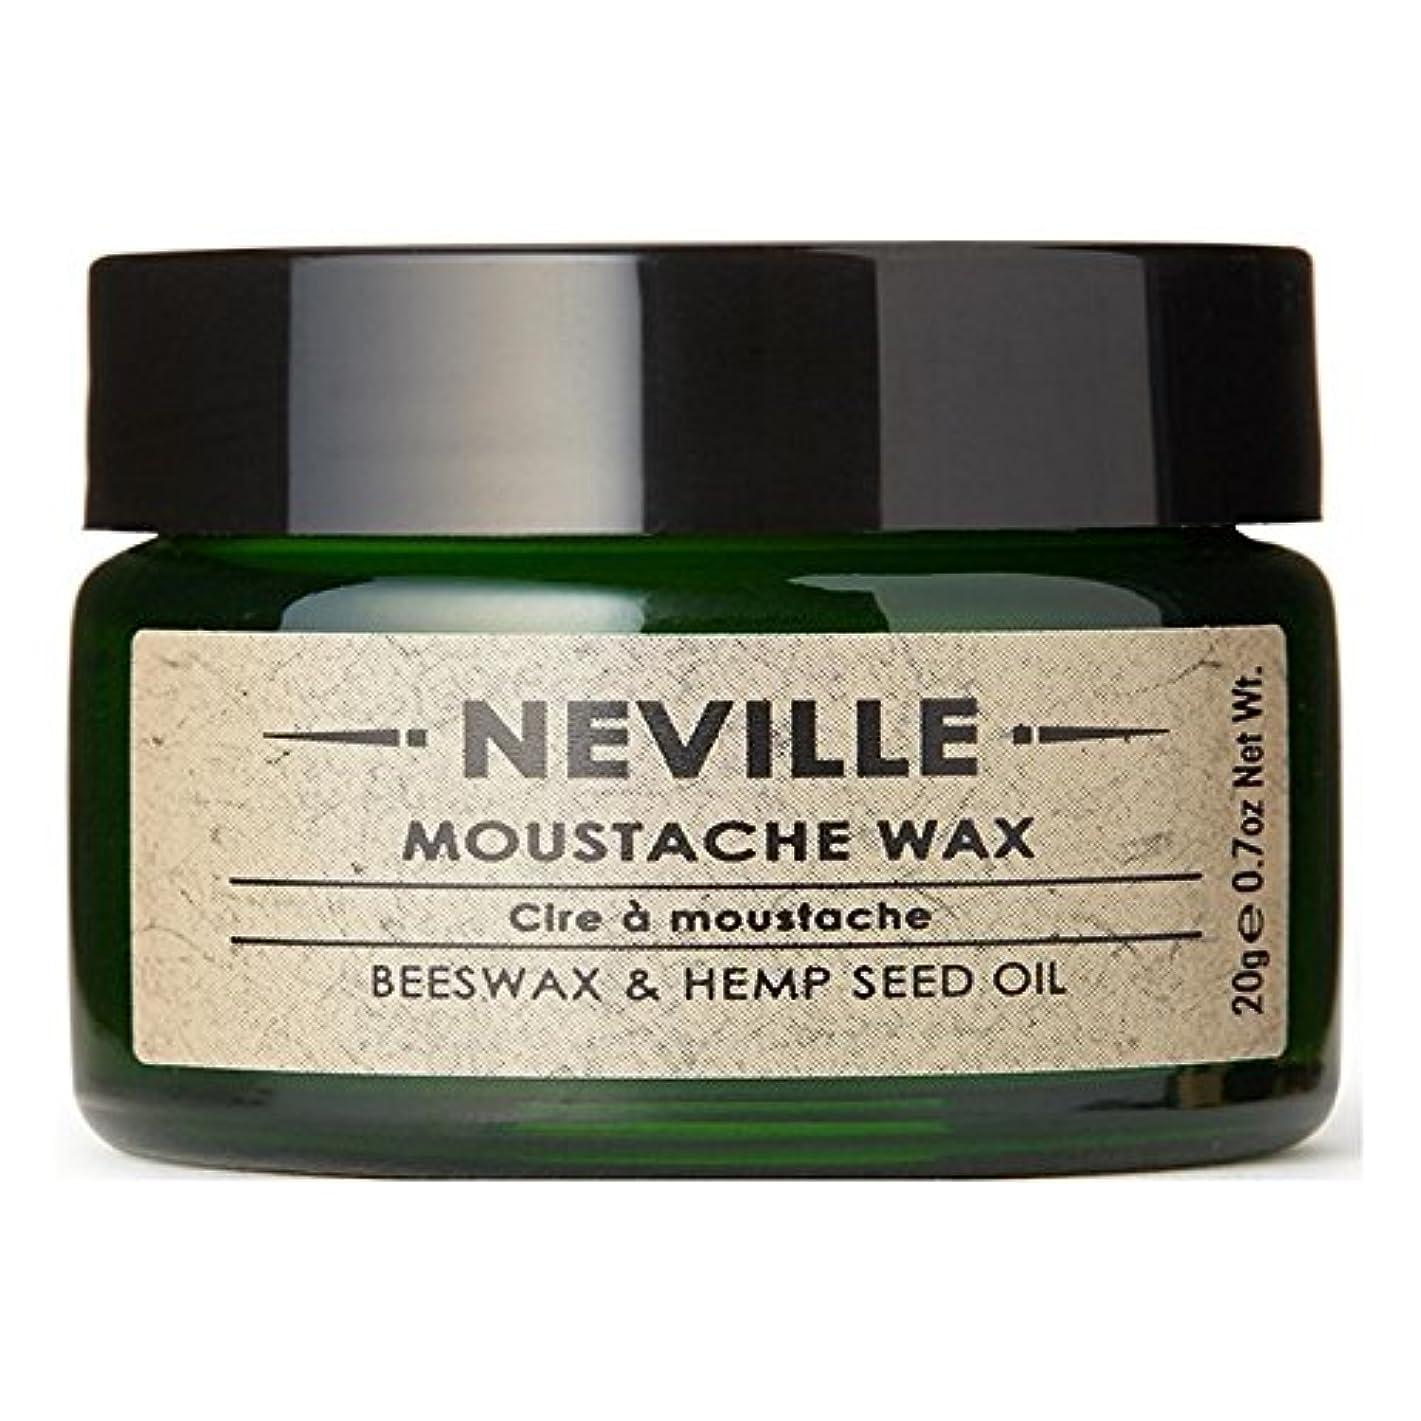 明確な衝突閉塞ネビル口ひげワックス x4 - Neville Moustache Wax (Pack of 4) [並行輸入品]